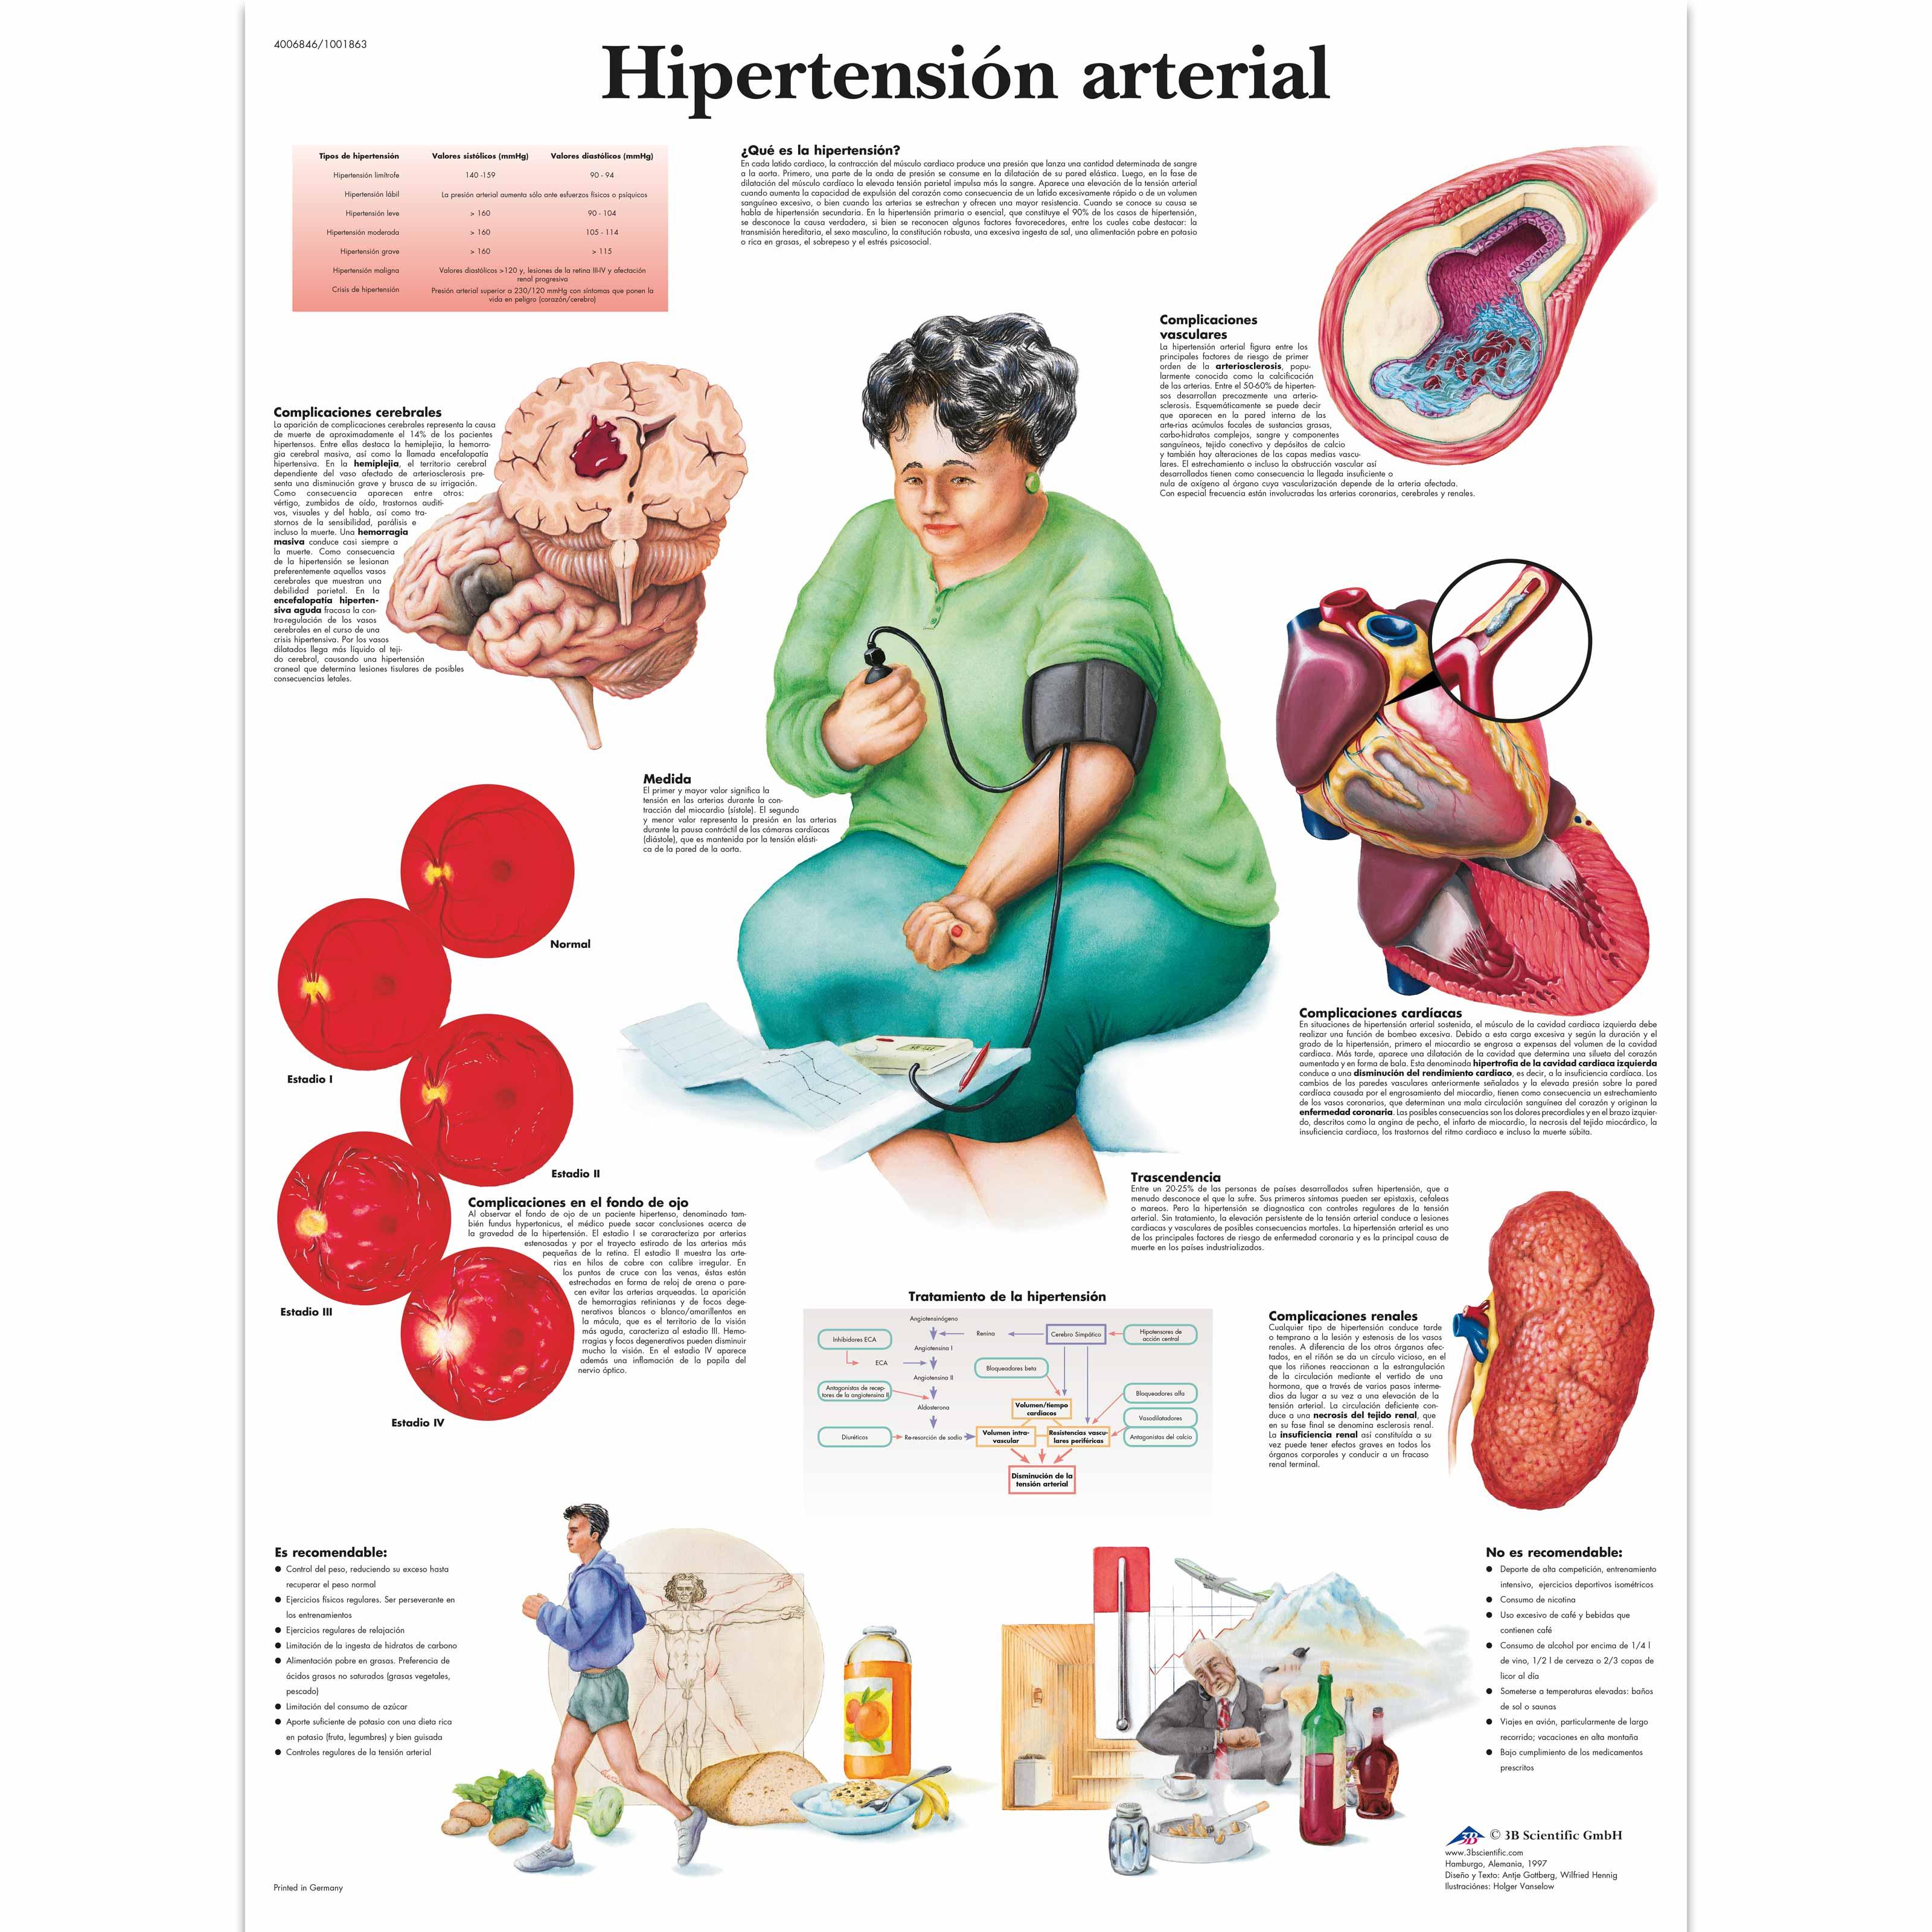 Descubra ahora qué tiene que hacer para quick síntomas de alta presión arterial